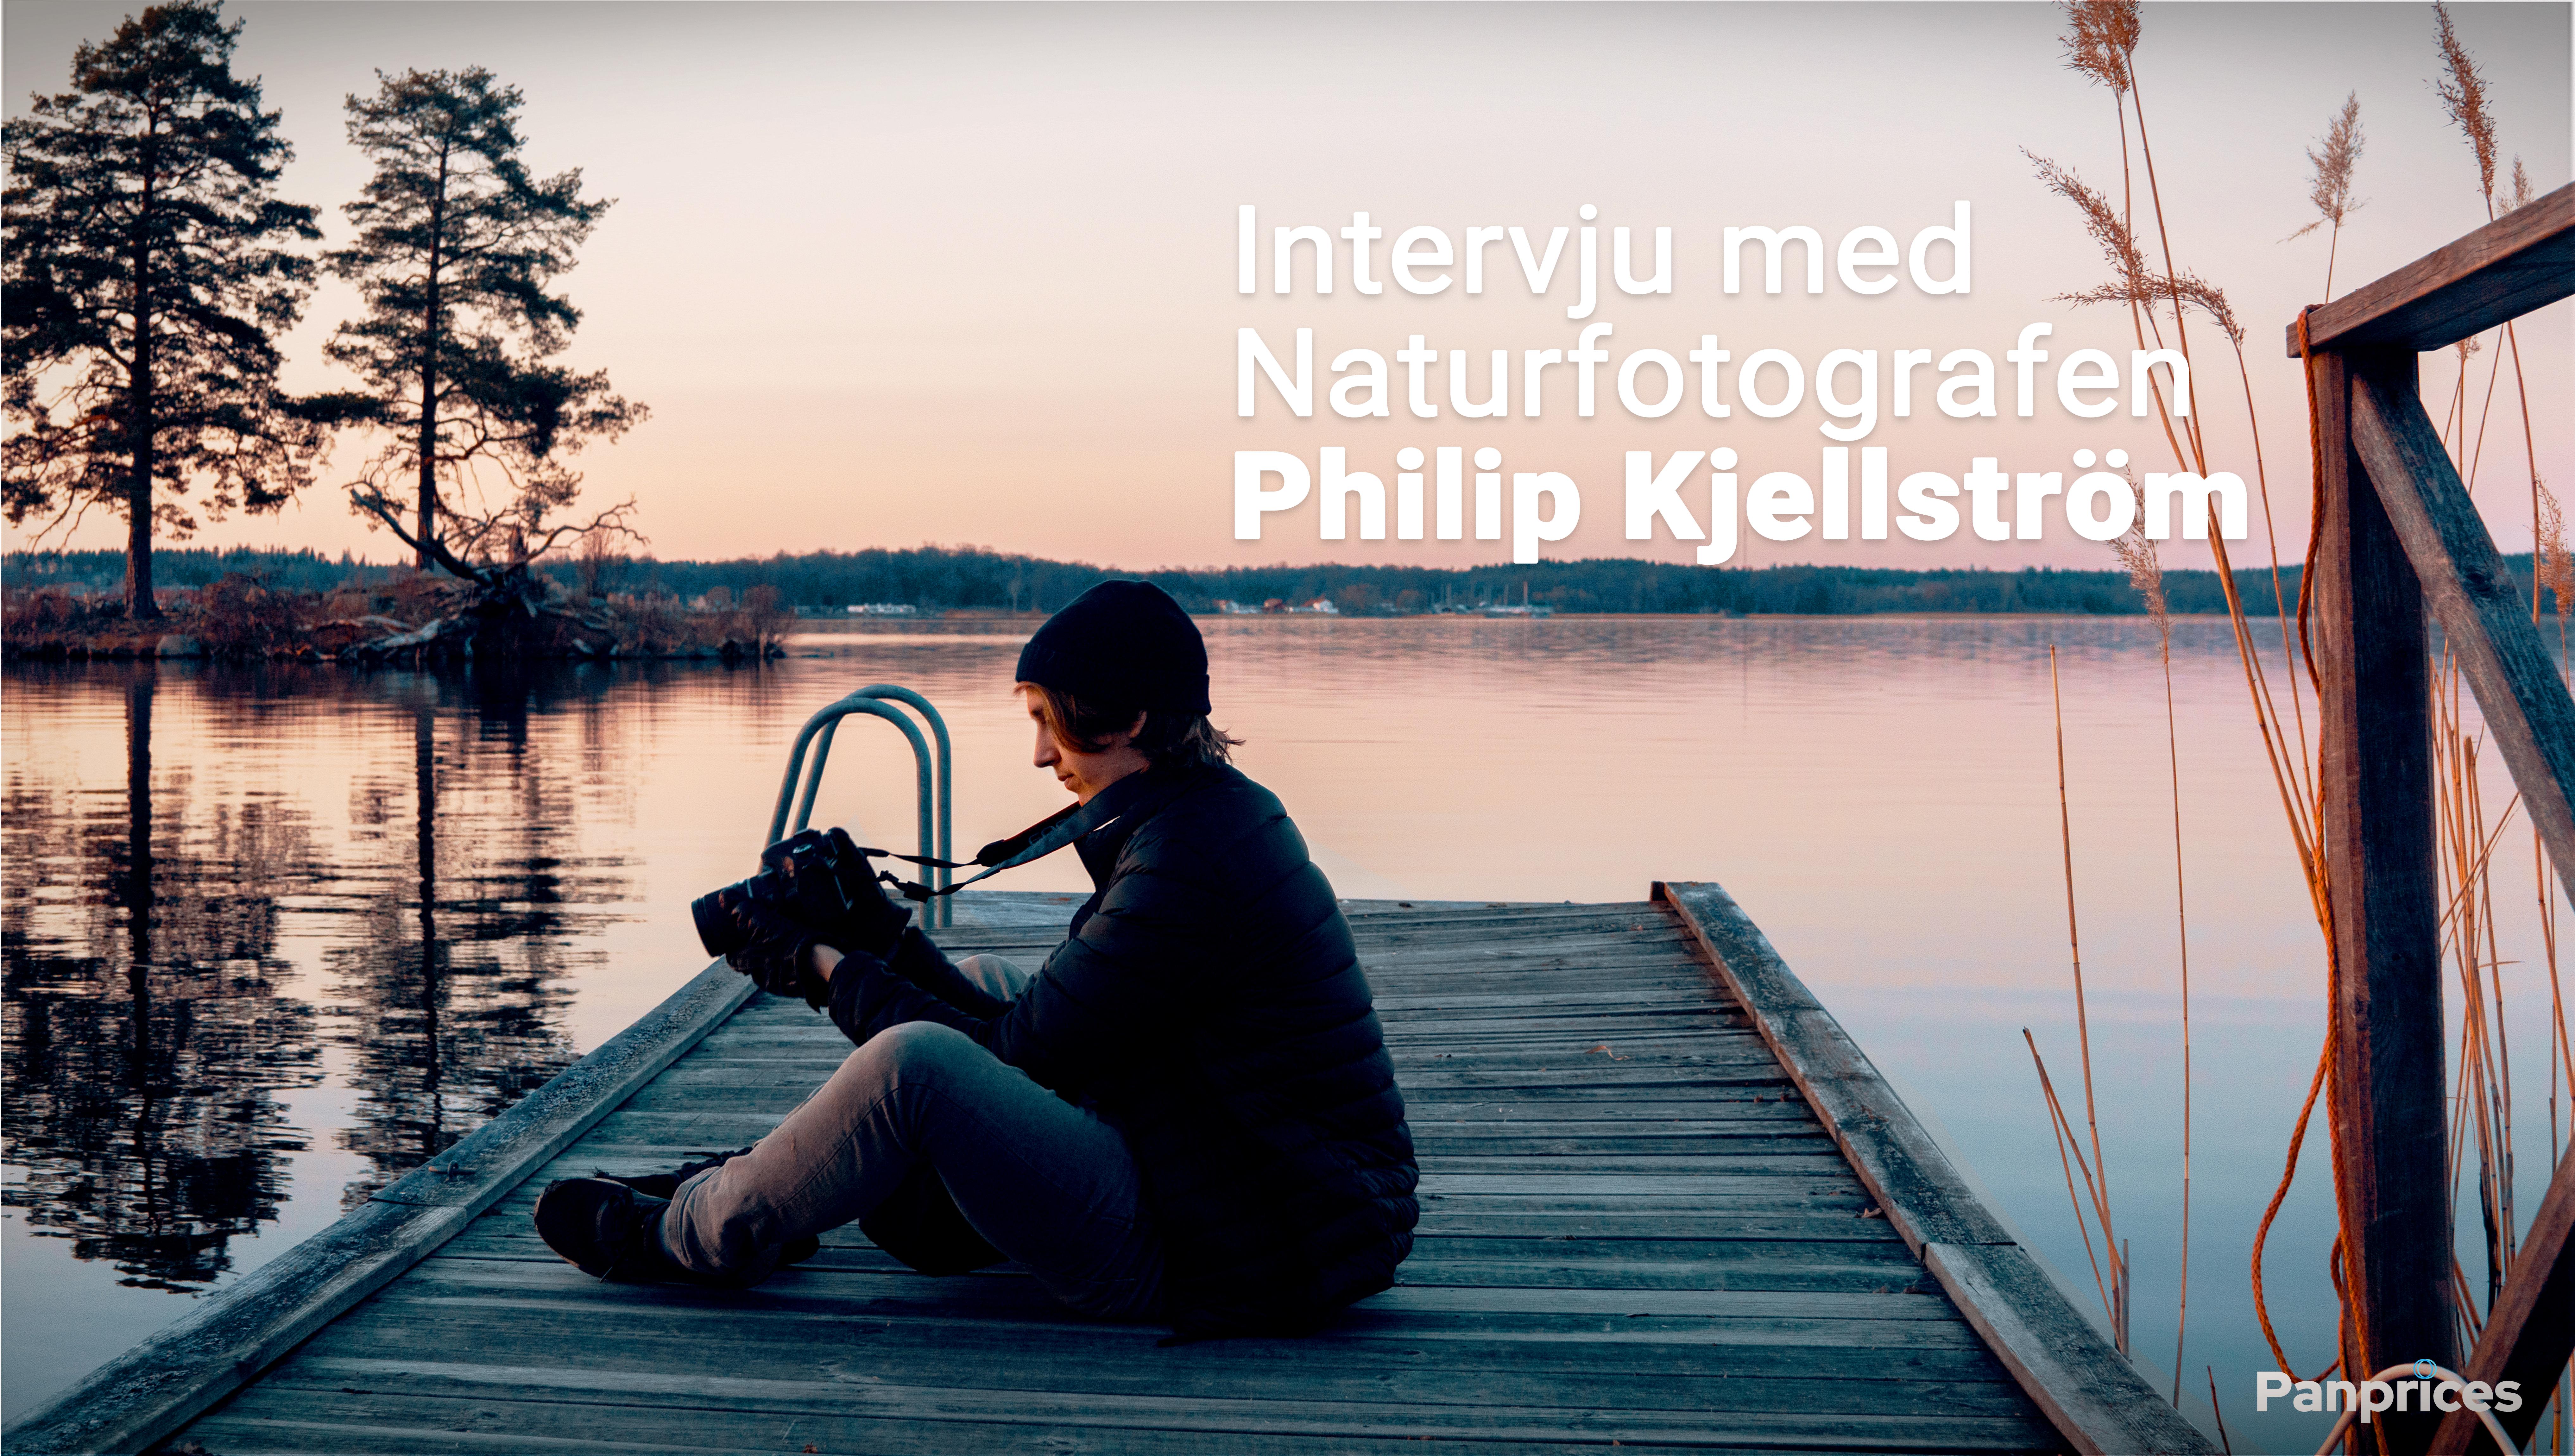 Philip Kjellström Naturfotografen.